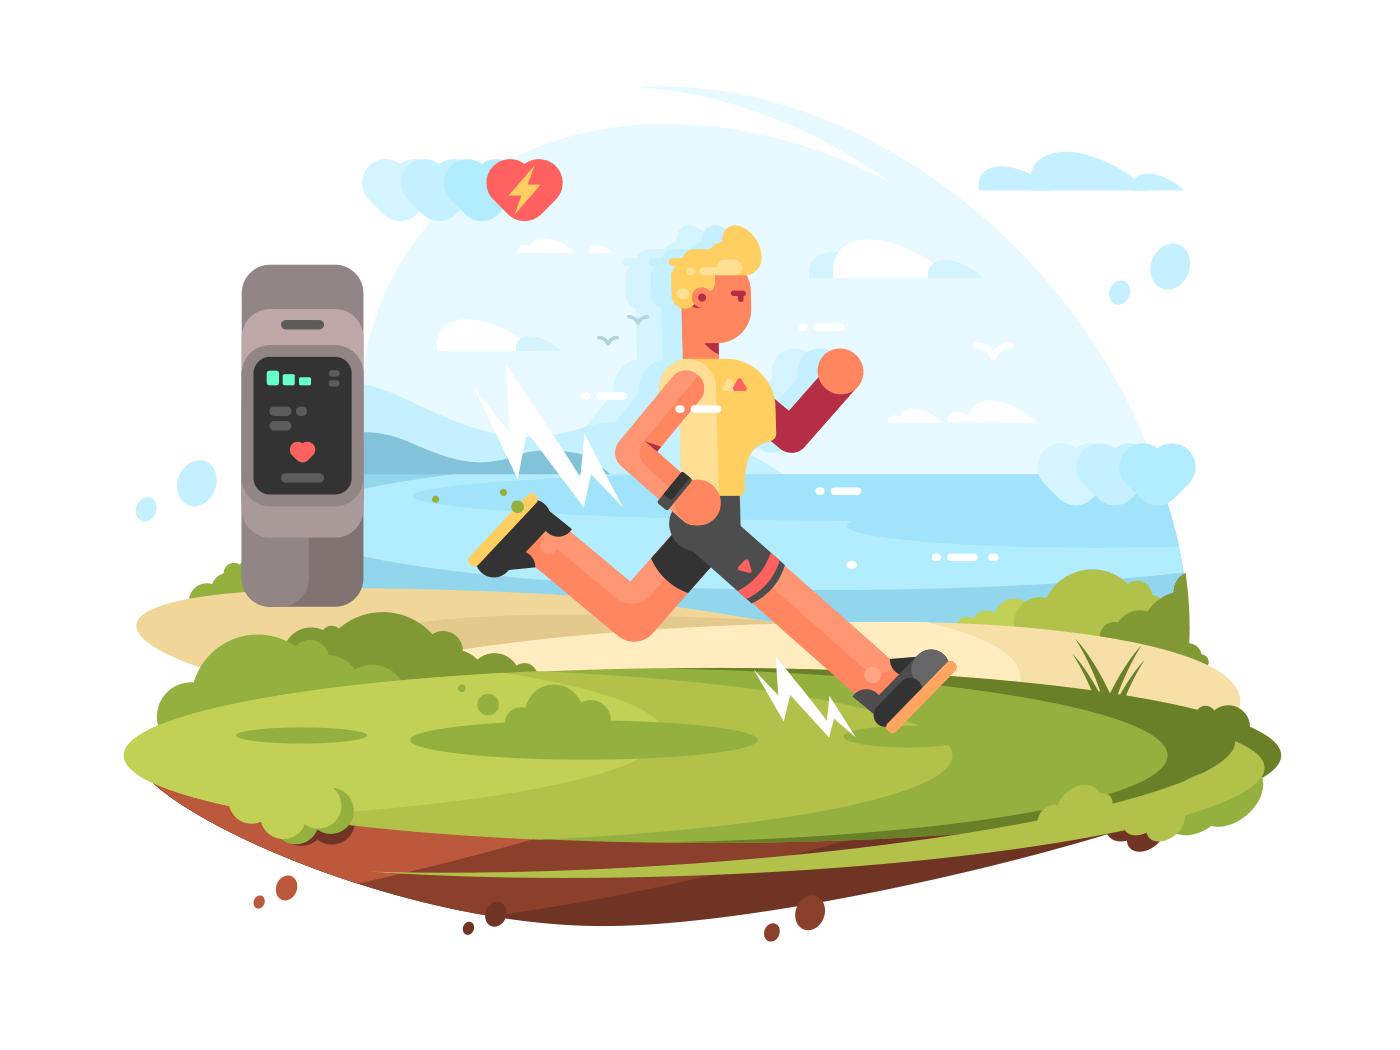 Runner scamper runs at coast illustration